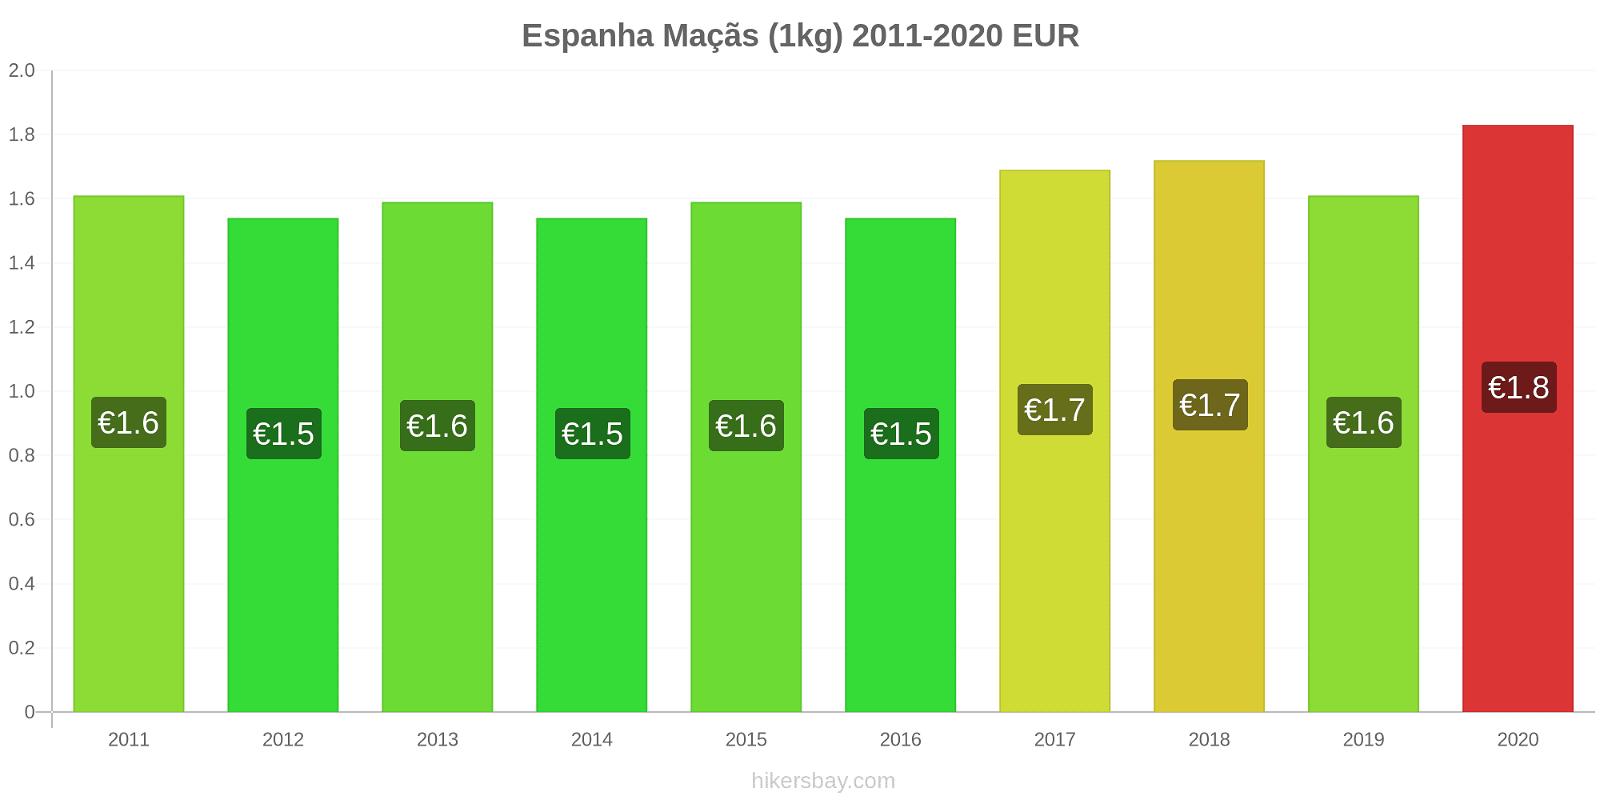 Espanha variação de preço Maçãs (1kg) hikersbay.com